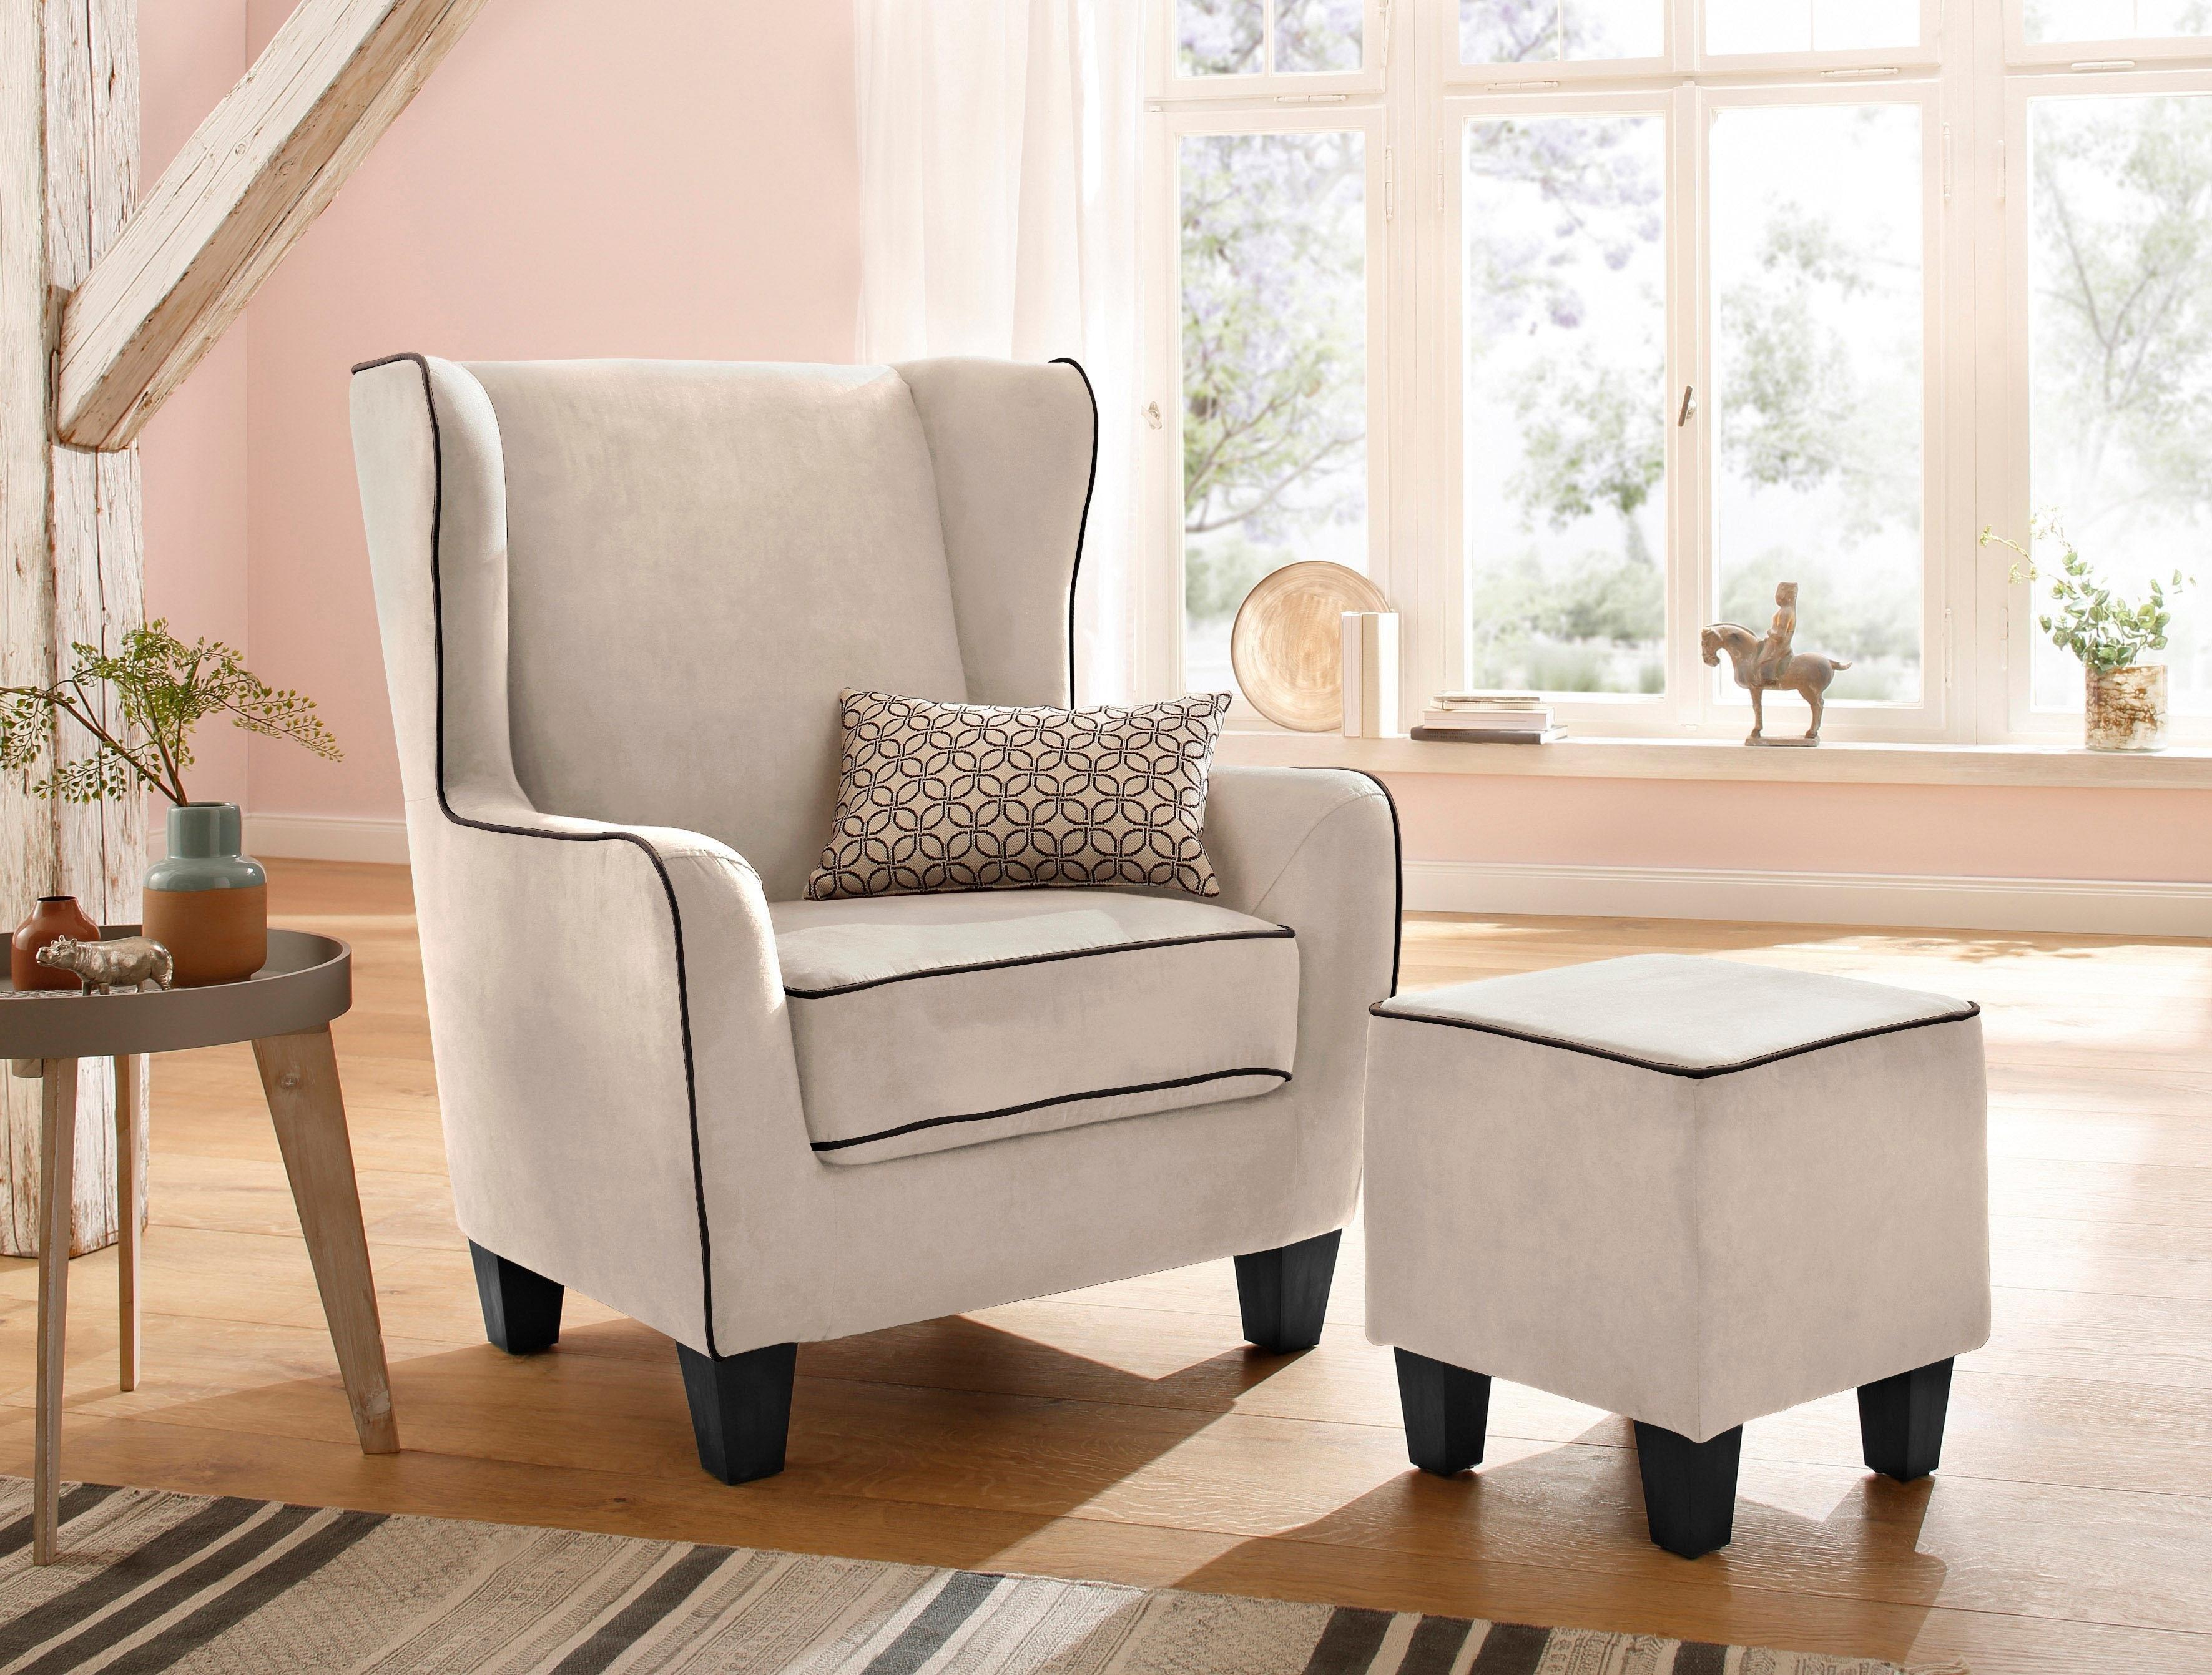 Home Affaire fauteuil »Ginger« met hocker als set, opstaande naad, binnenvering - verschillende betaalmethodes